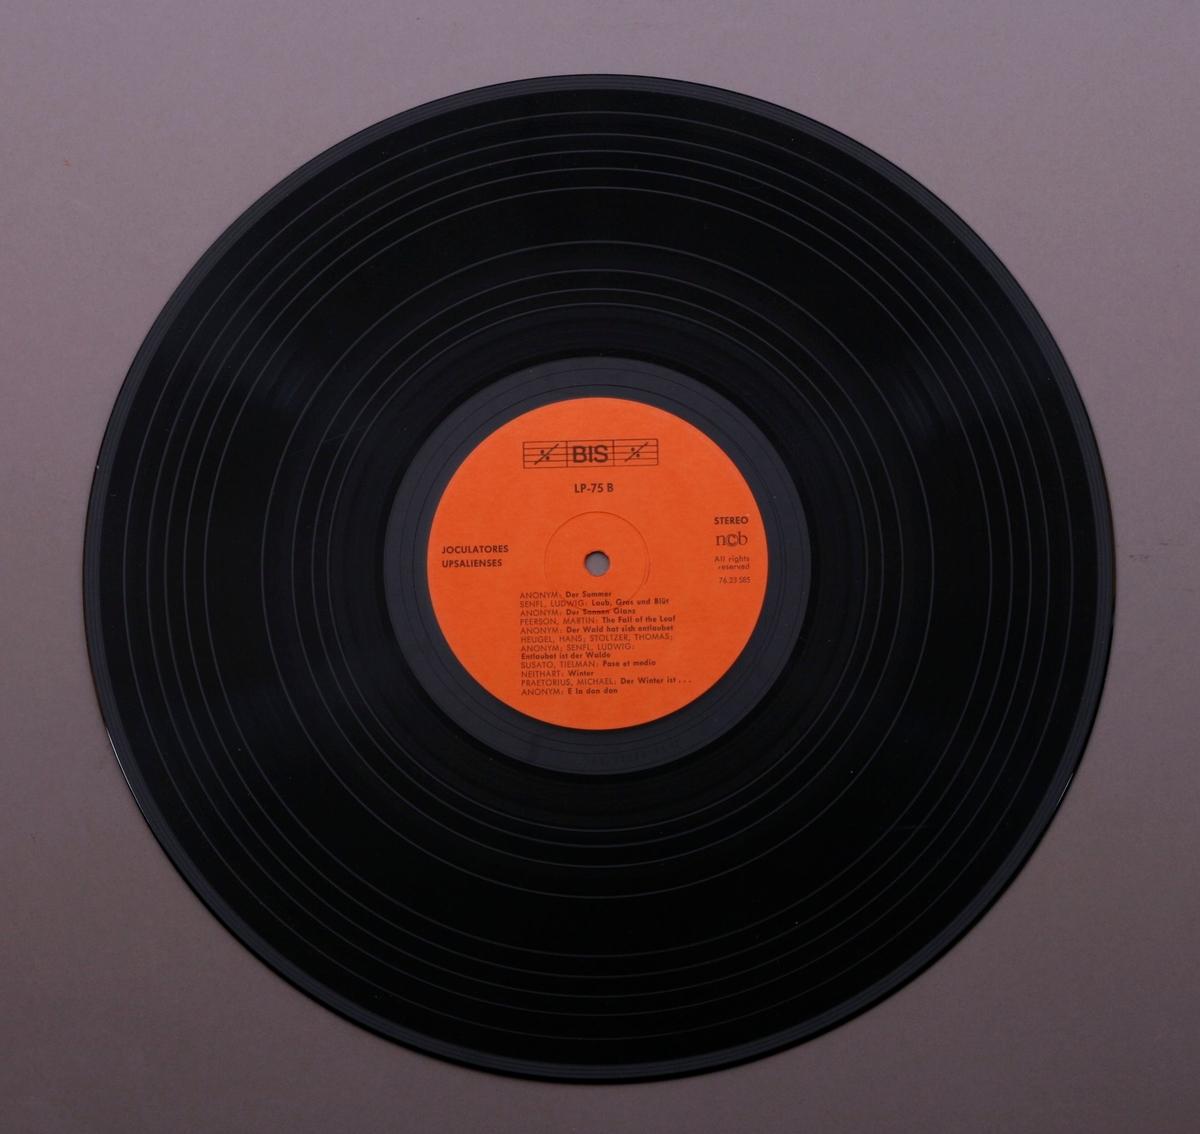 Grammofonplate i svart vinyl og dobbelt plateomslag i papp. I omslaget er det festet et hefte med informasjon. Plata ligger i en papirlomme.